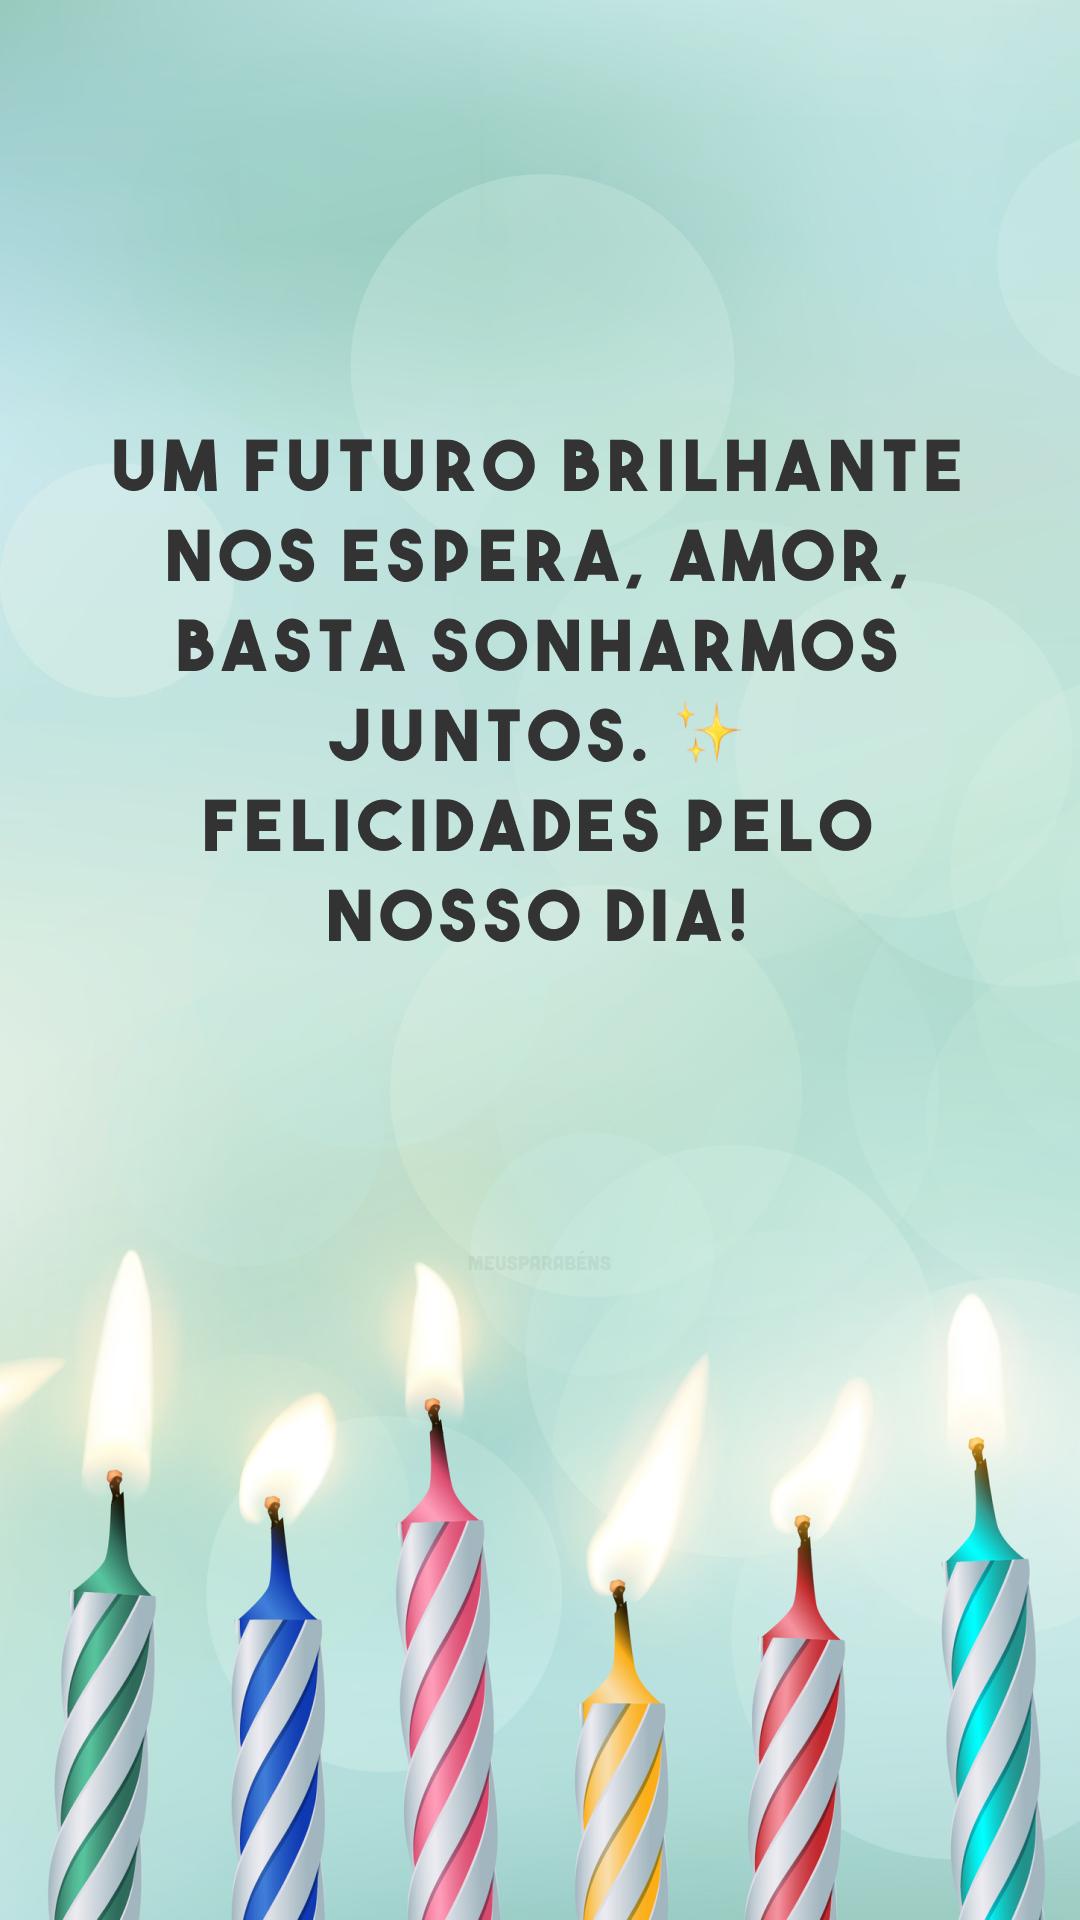 Um futuro brilhante nos espera, amor, basta sonharmos juntos. ✨ Felicidades pelo nosso dia!